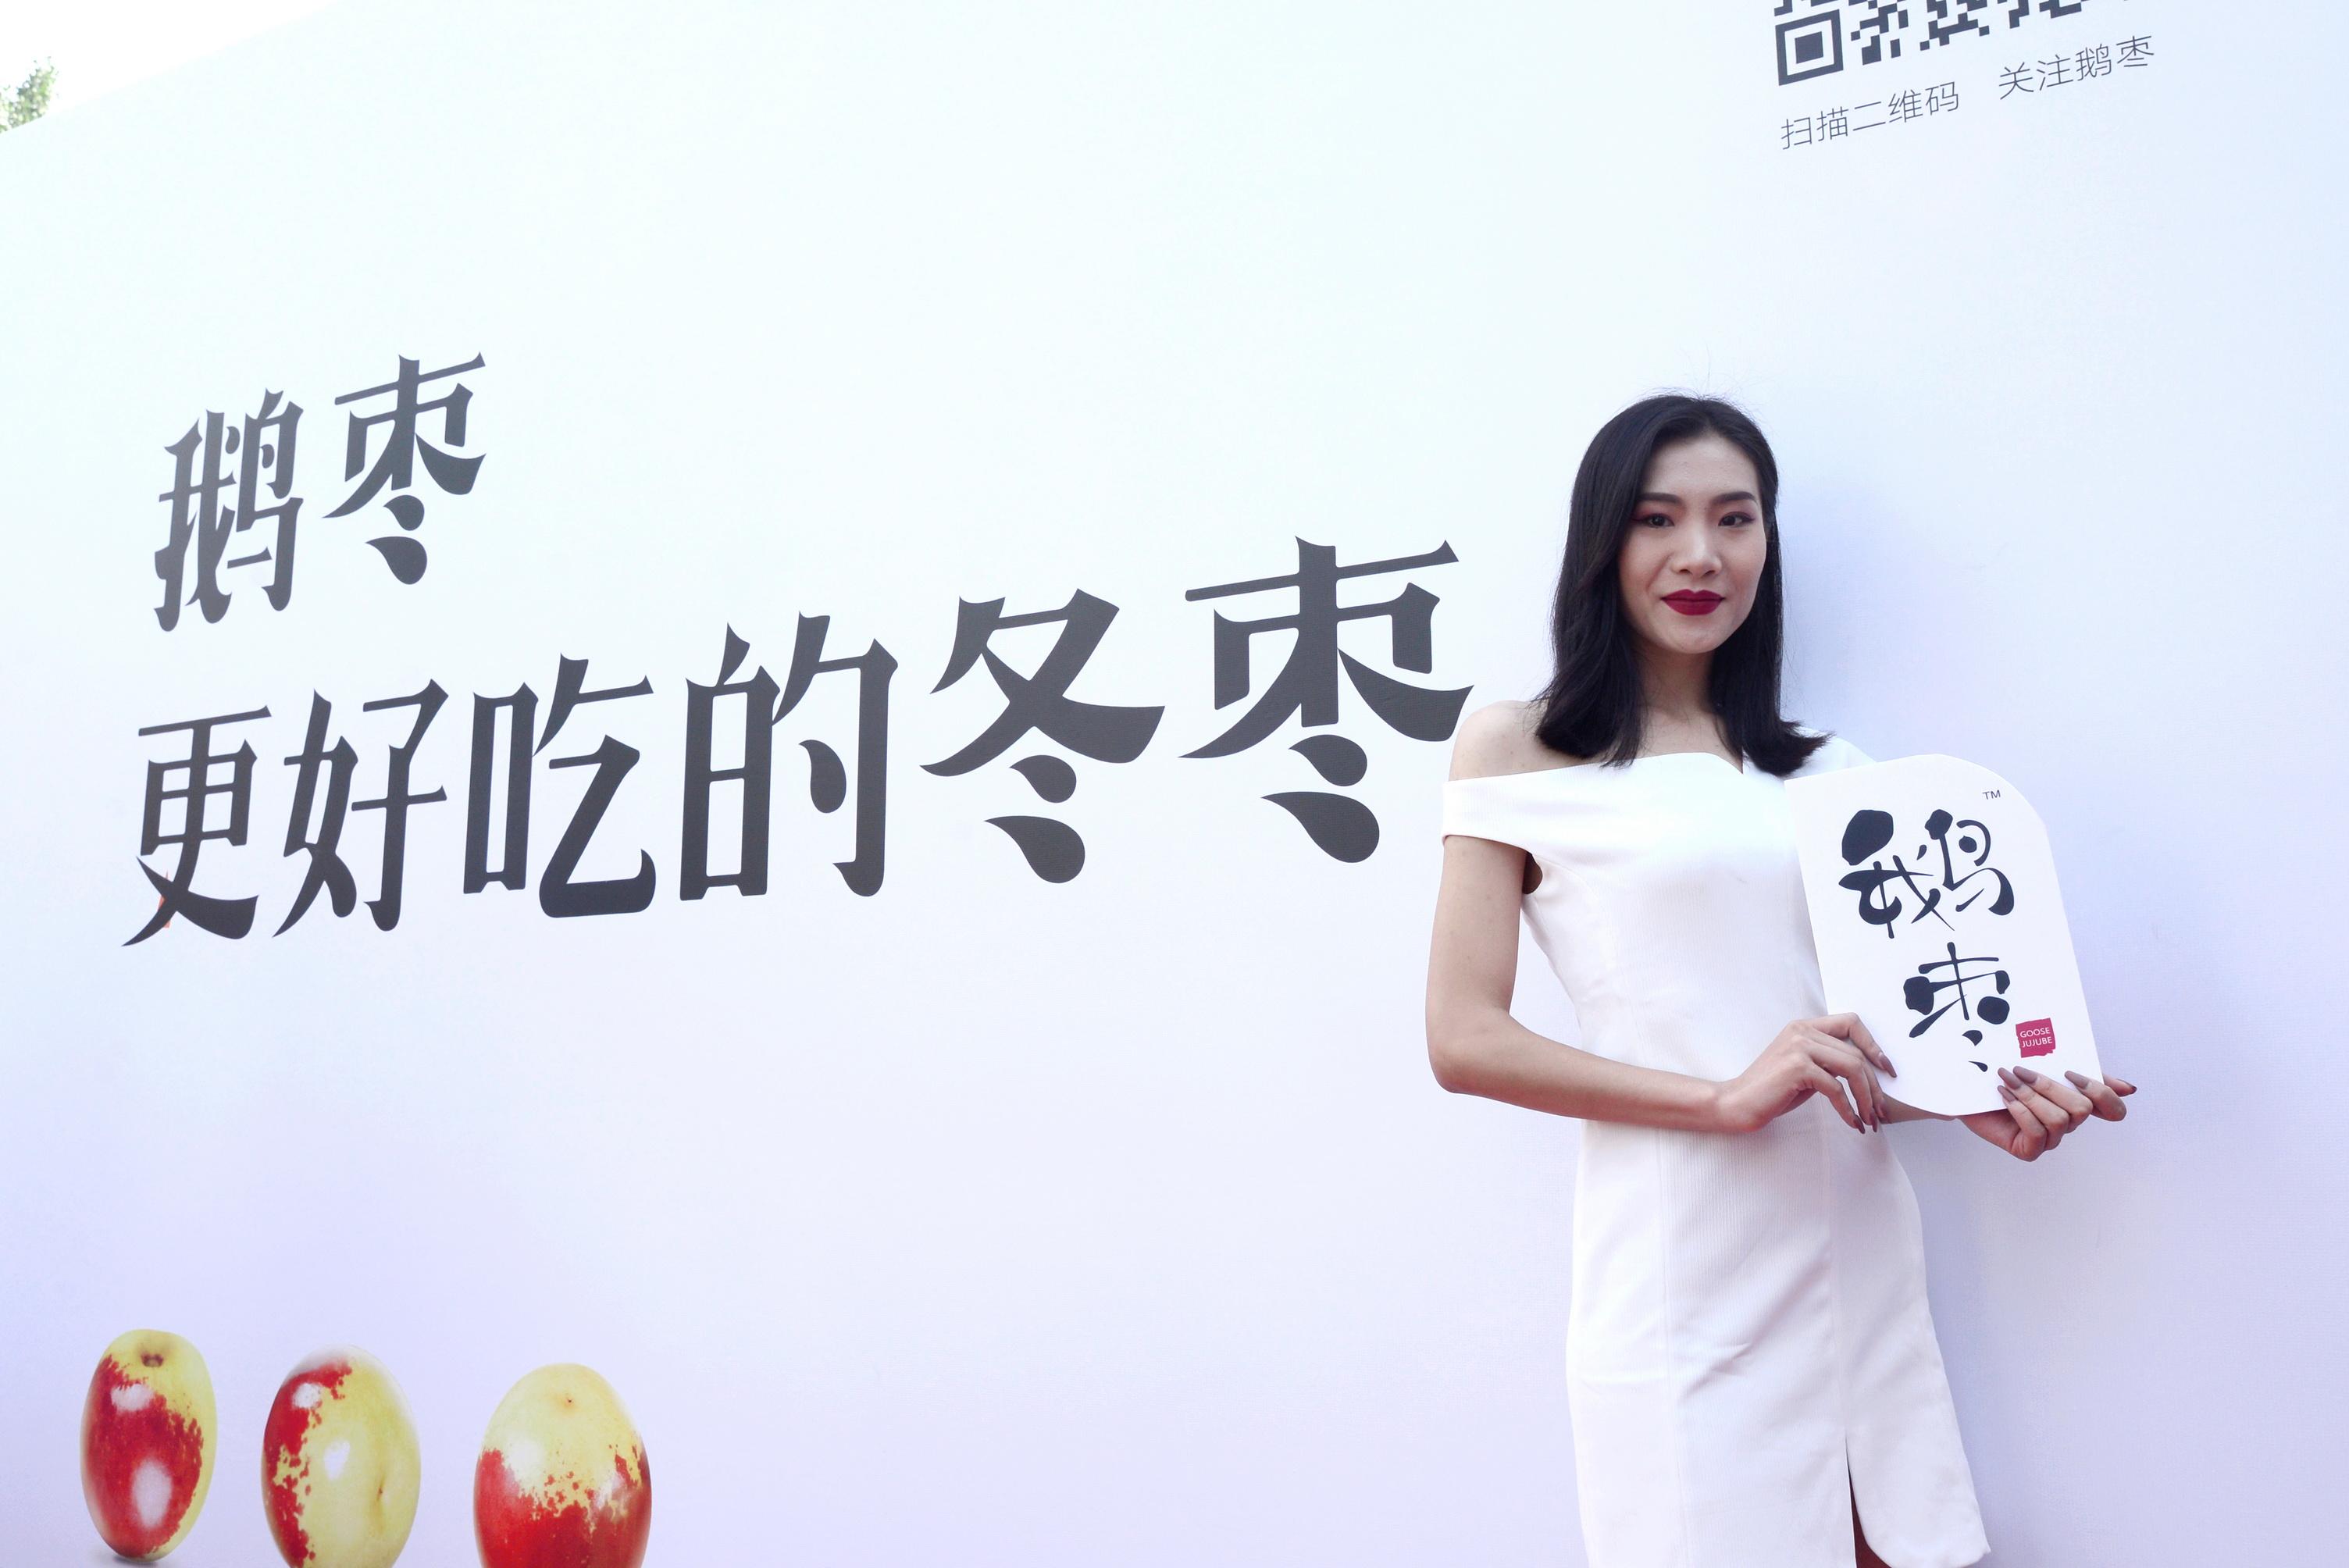 鹅枣,开启中国水果品类战略财富时代!